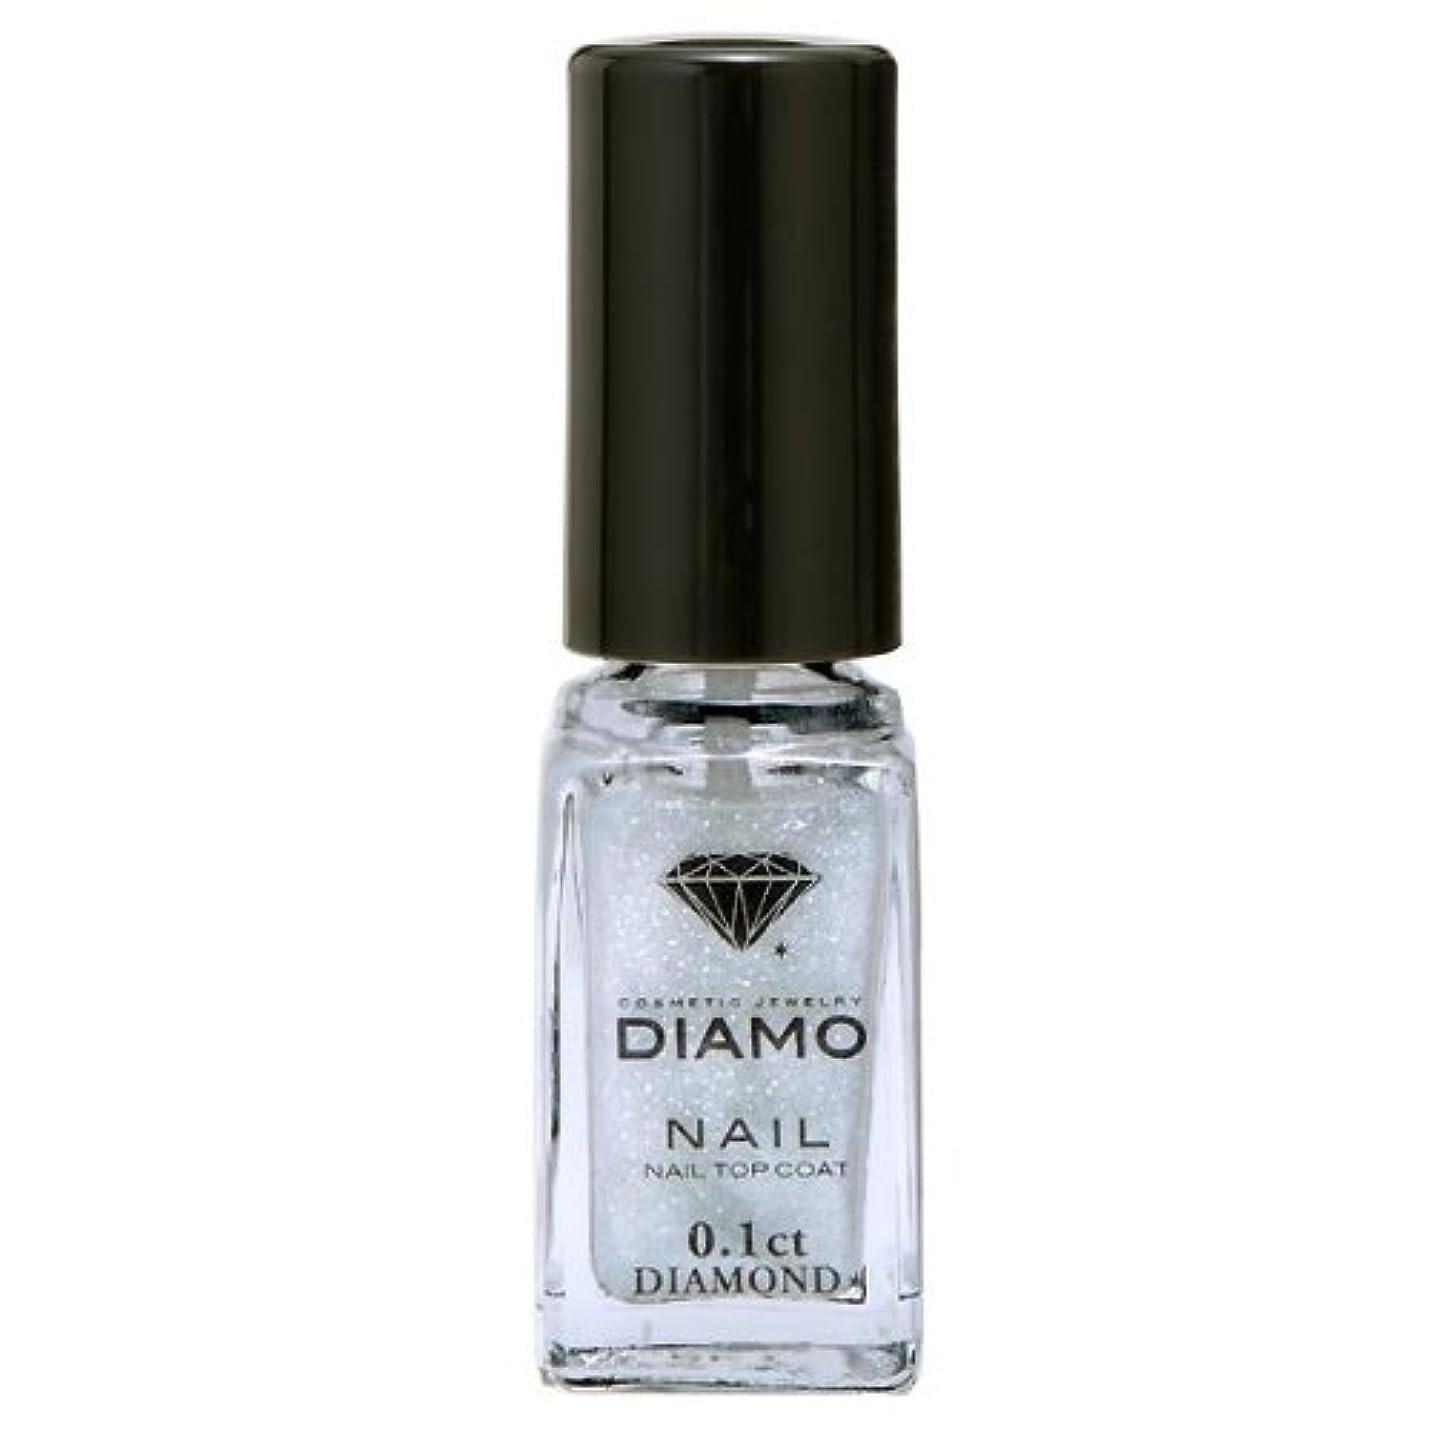 ダイジェストはぁ国際DIAMO(ディアモ) ネイル トップコート 5ml